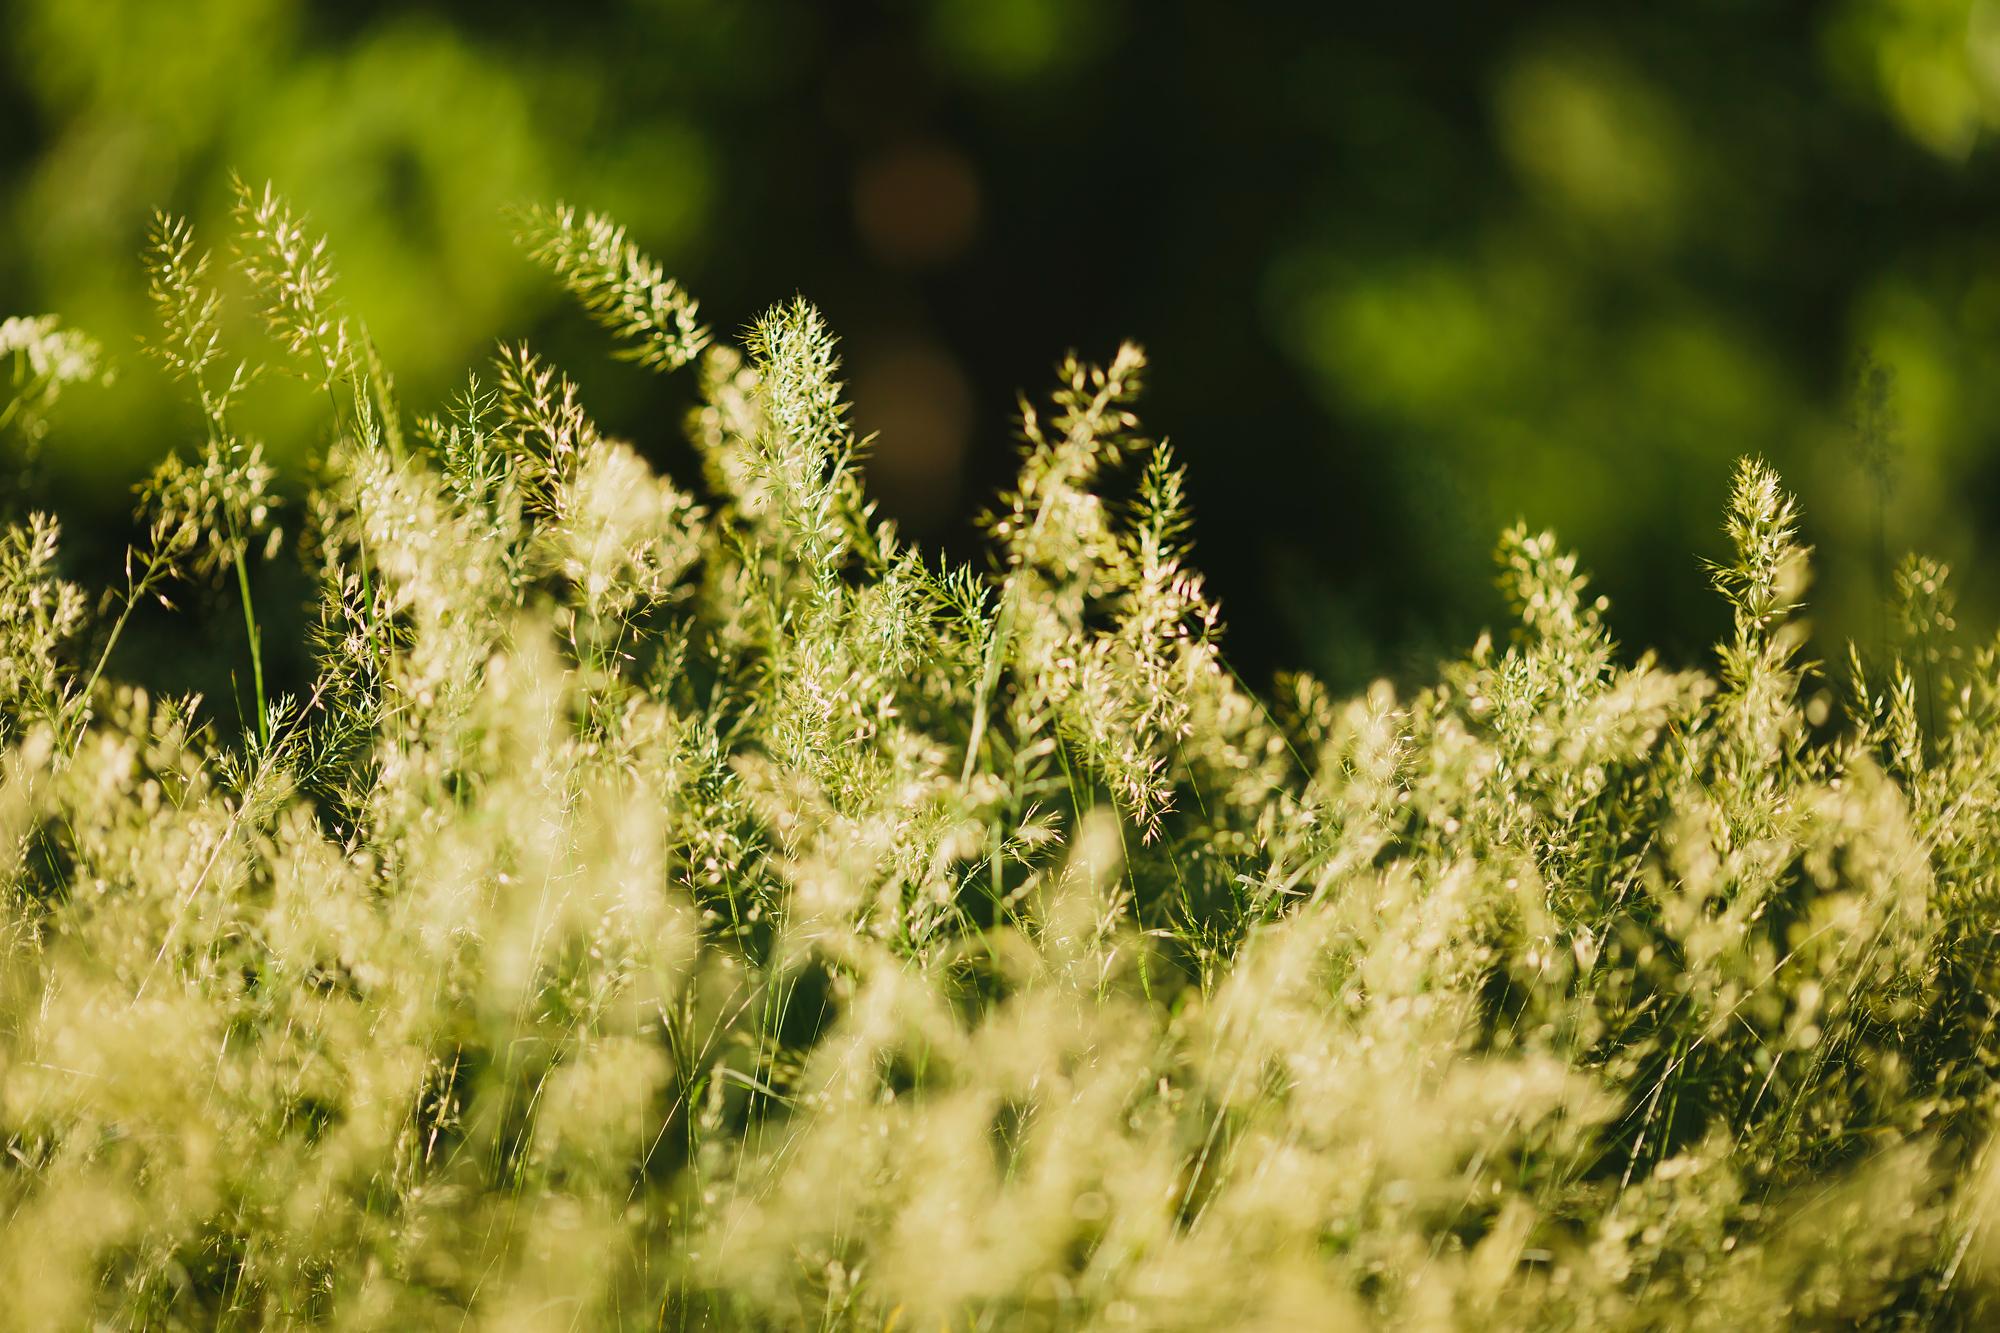 detaljbild på gräs